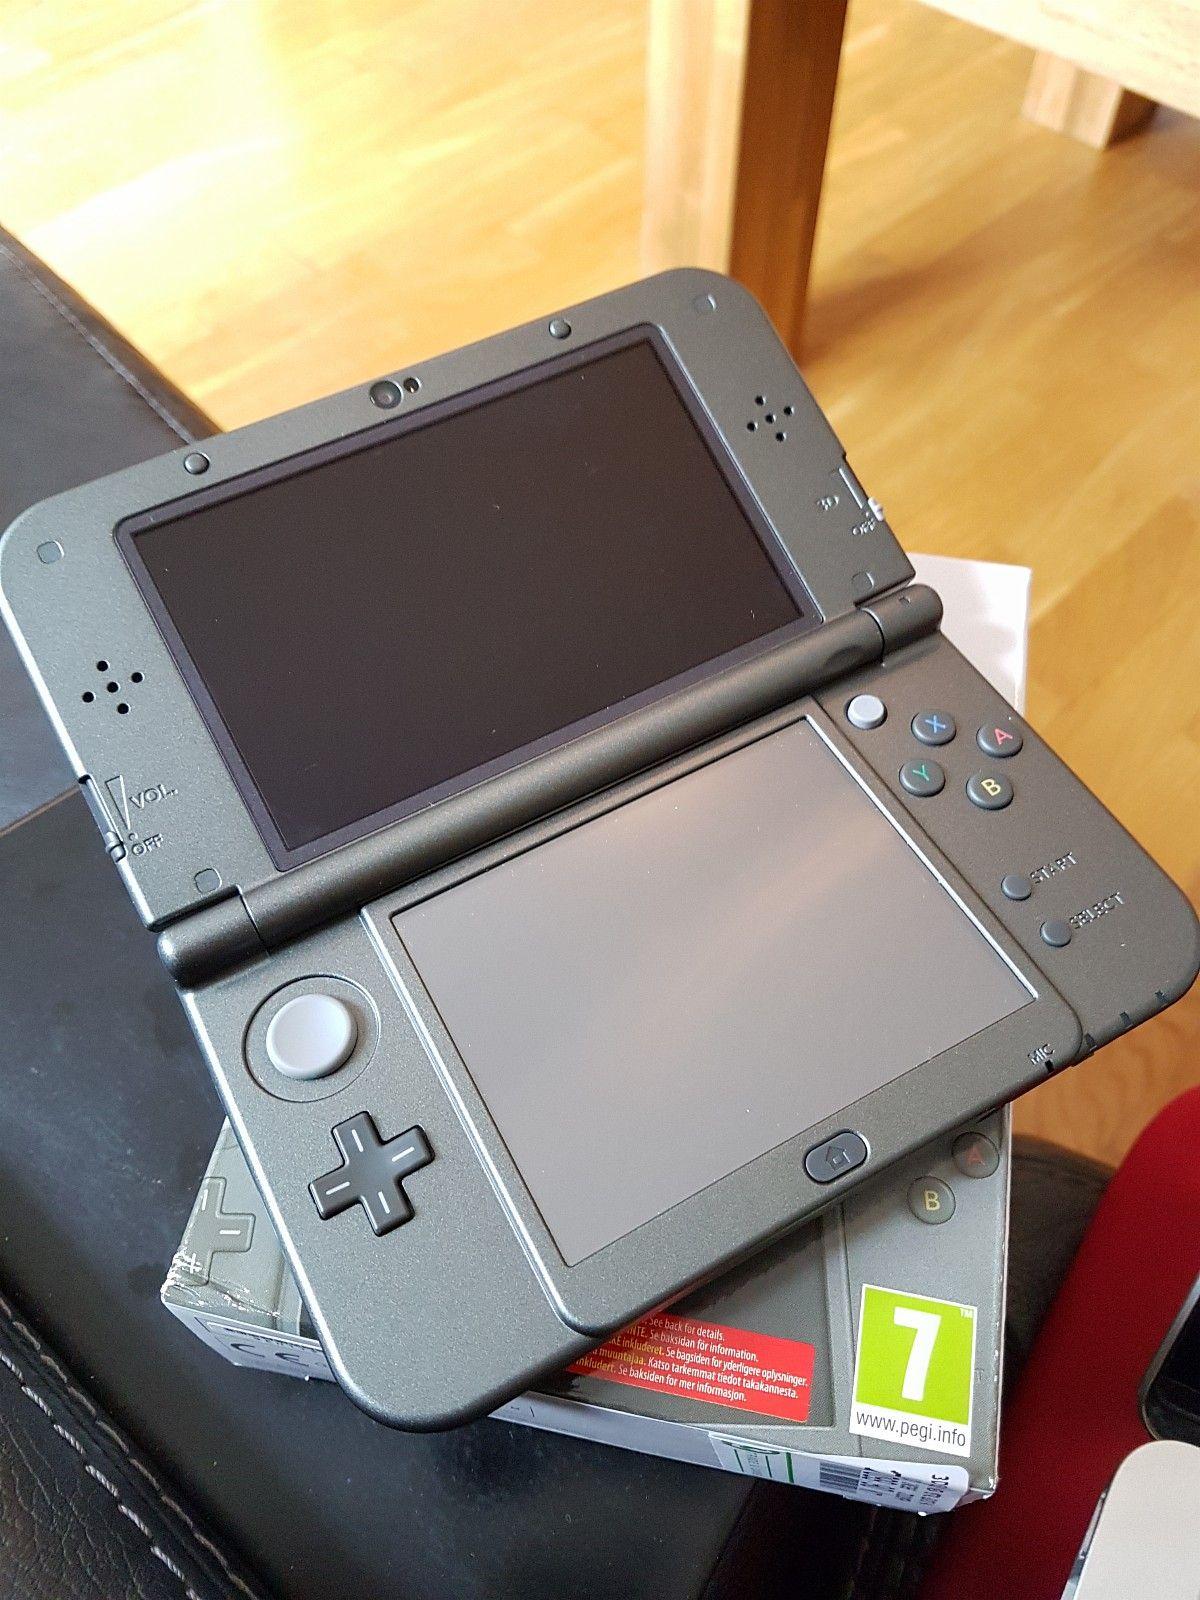 Nintendo 3DS XL Selges billig! - Vear  - Selger en NINTENDO 3DS XL i Metallic Black. Kun en eier, (voksen person) ser ut som ny. Følger med noen hjernetrimspill, og et pokerspill. Følger også med lader, som er noe man må kjøpe ekstra når man kjøper dette nytt. N - Vear